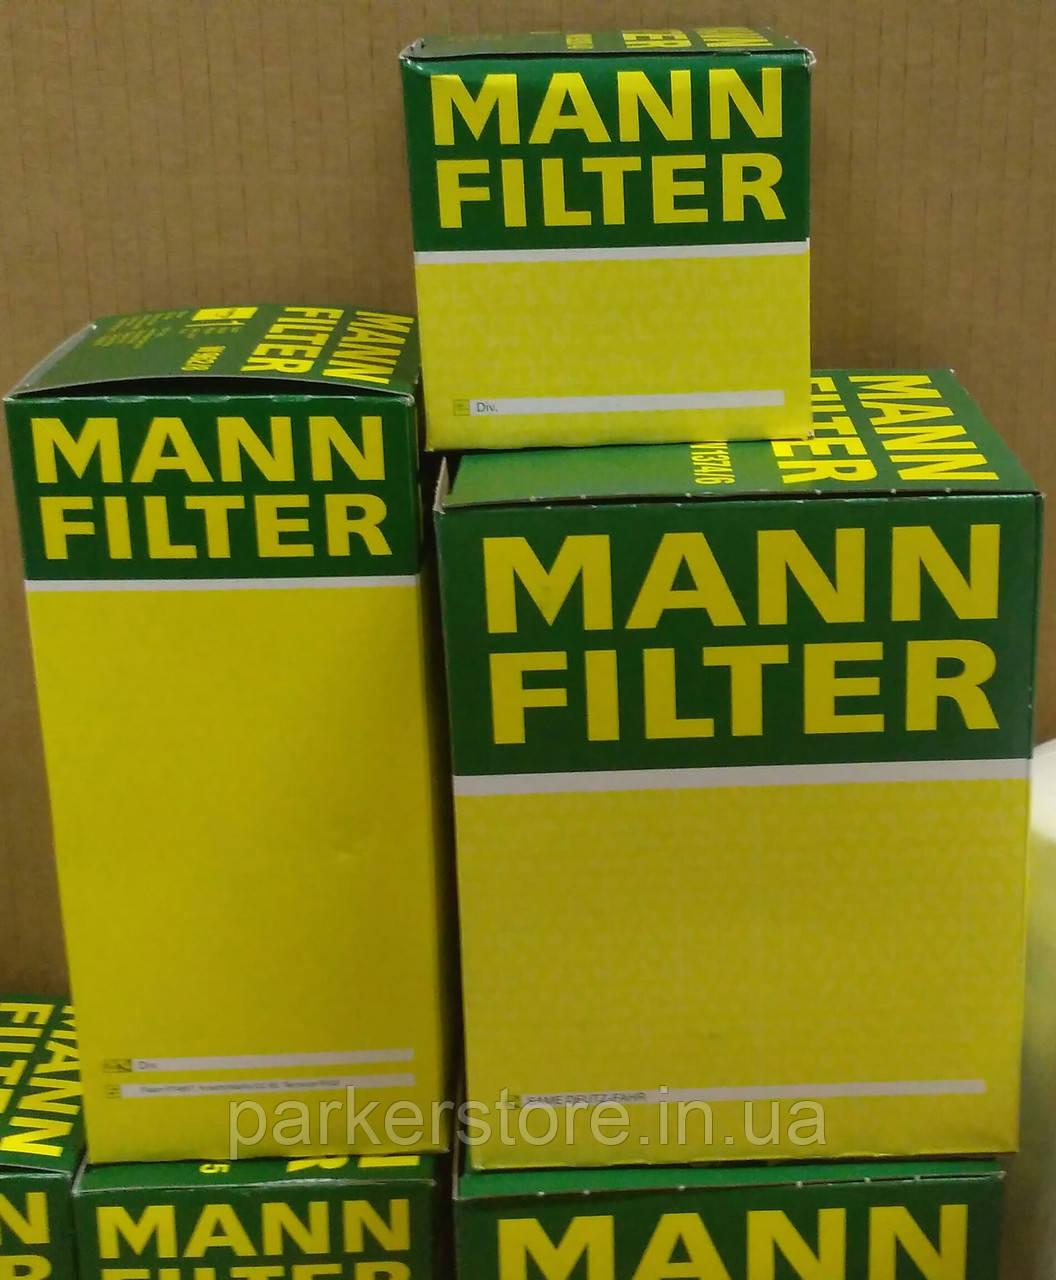 MANN FILTER / Воздушный фильтр / C 58 185/1 / C58185/1